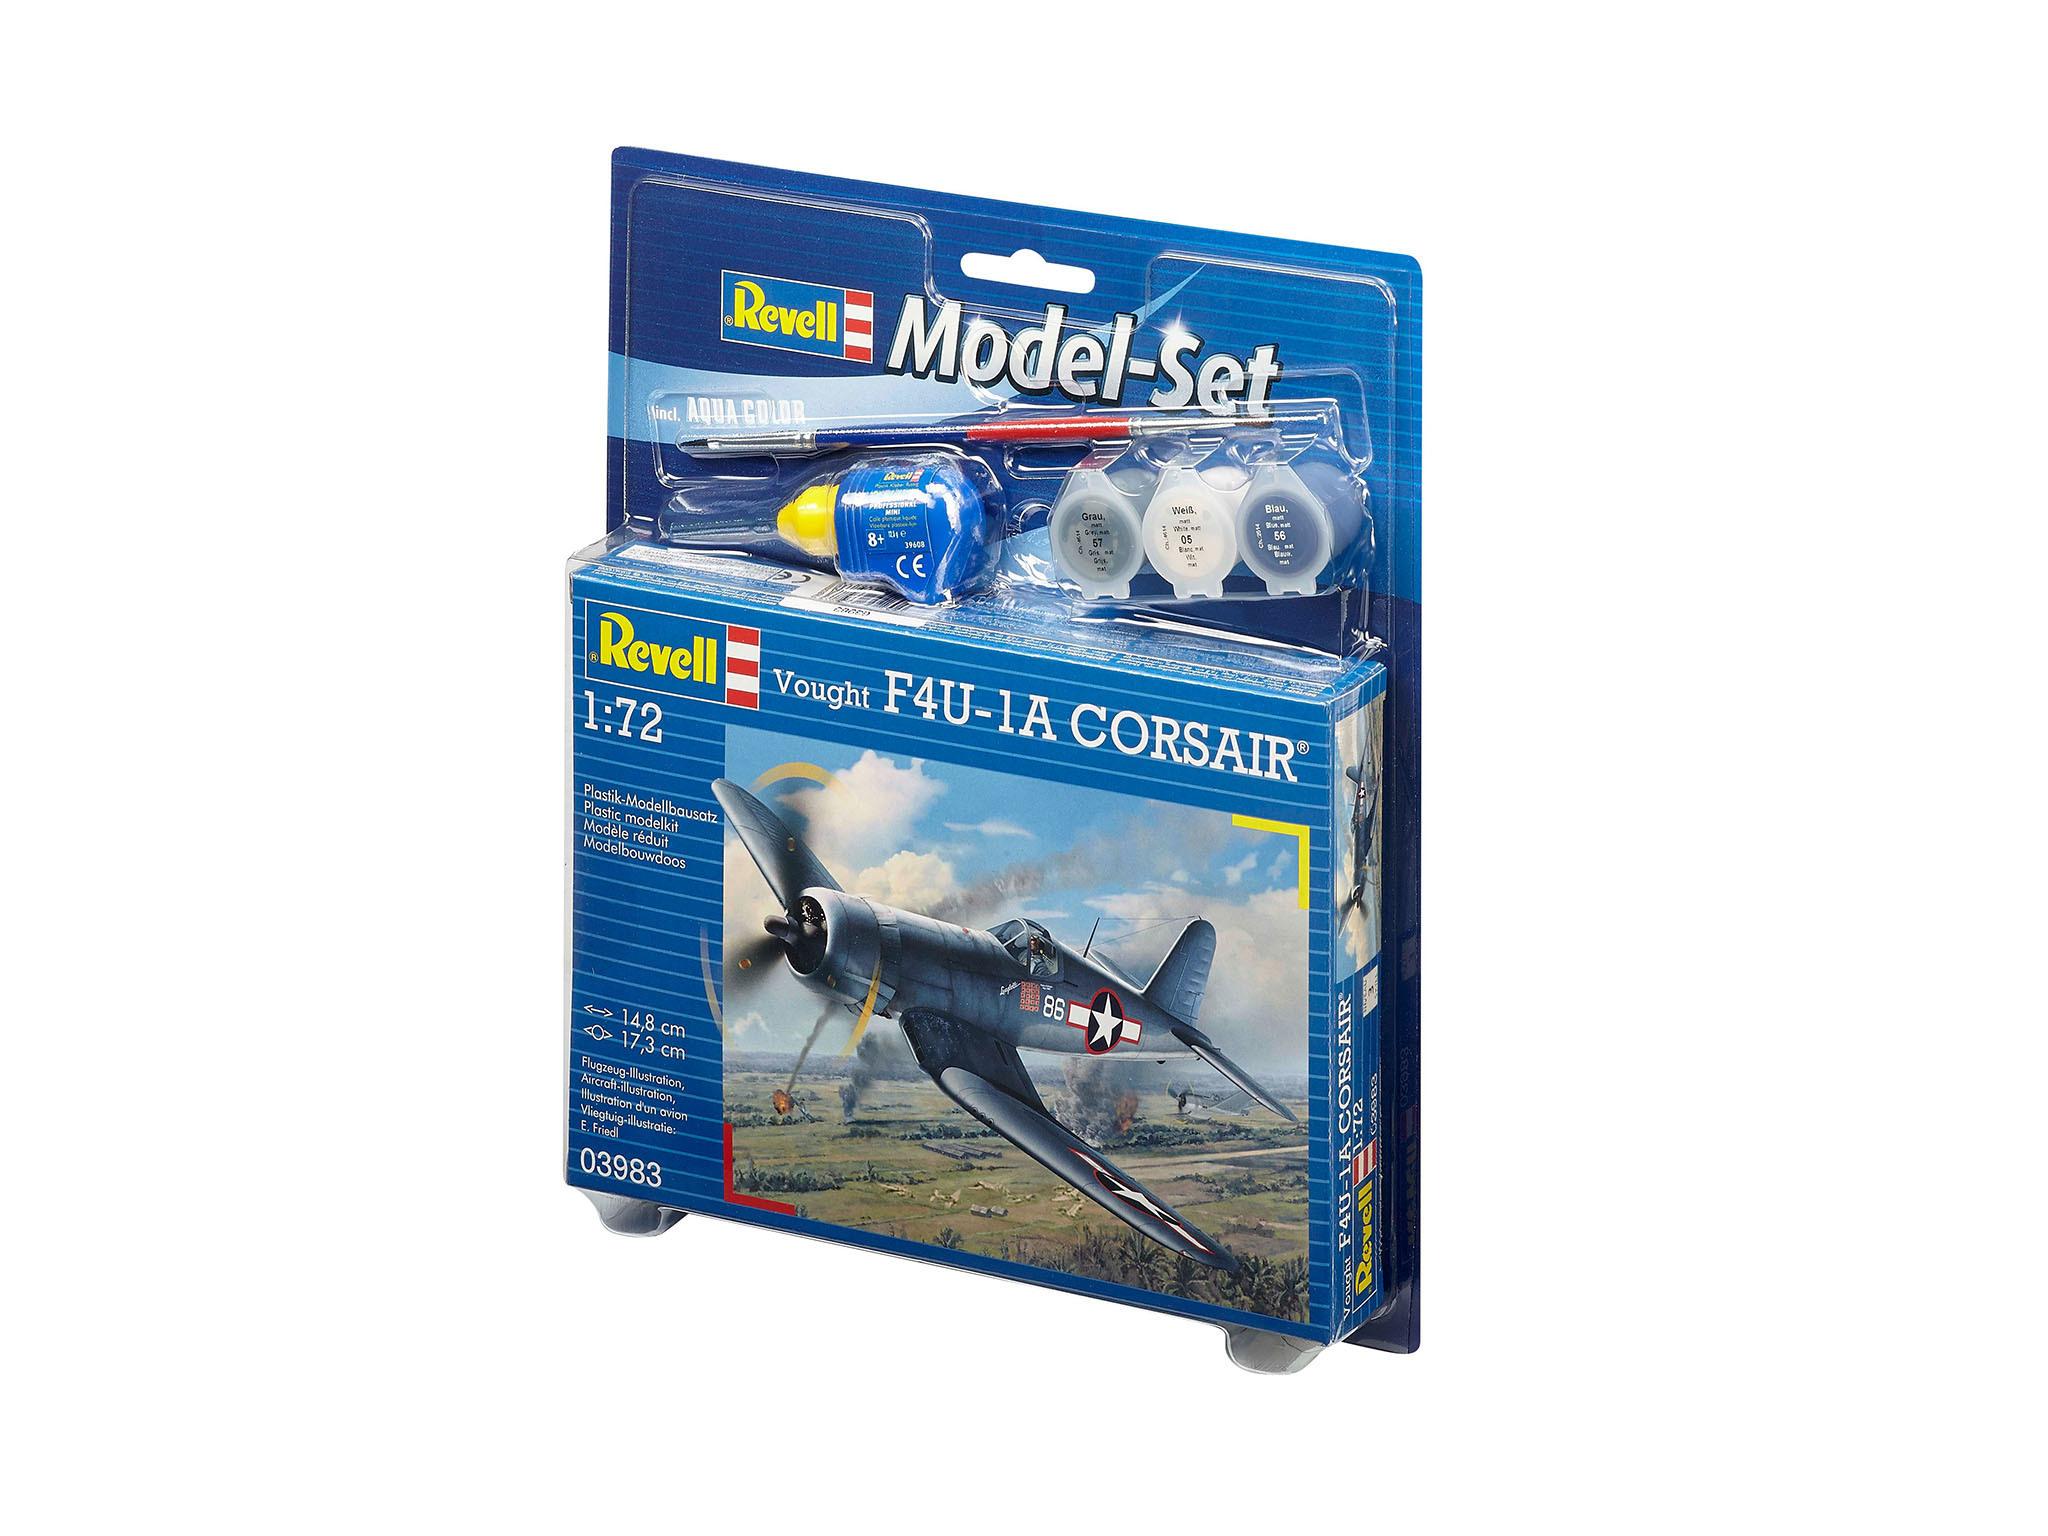 Model Set - maquette Vought F4U-1D Corsair